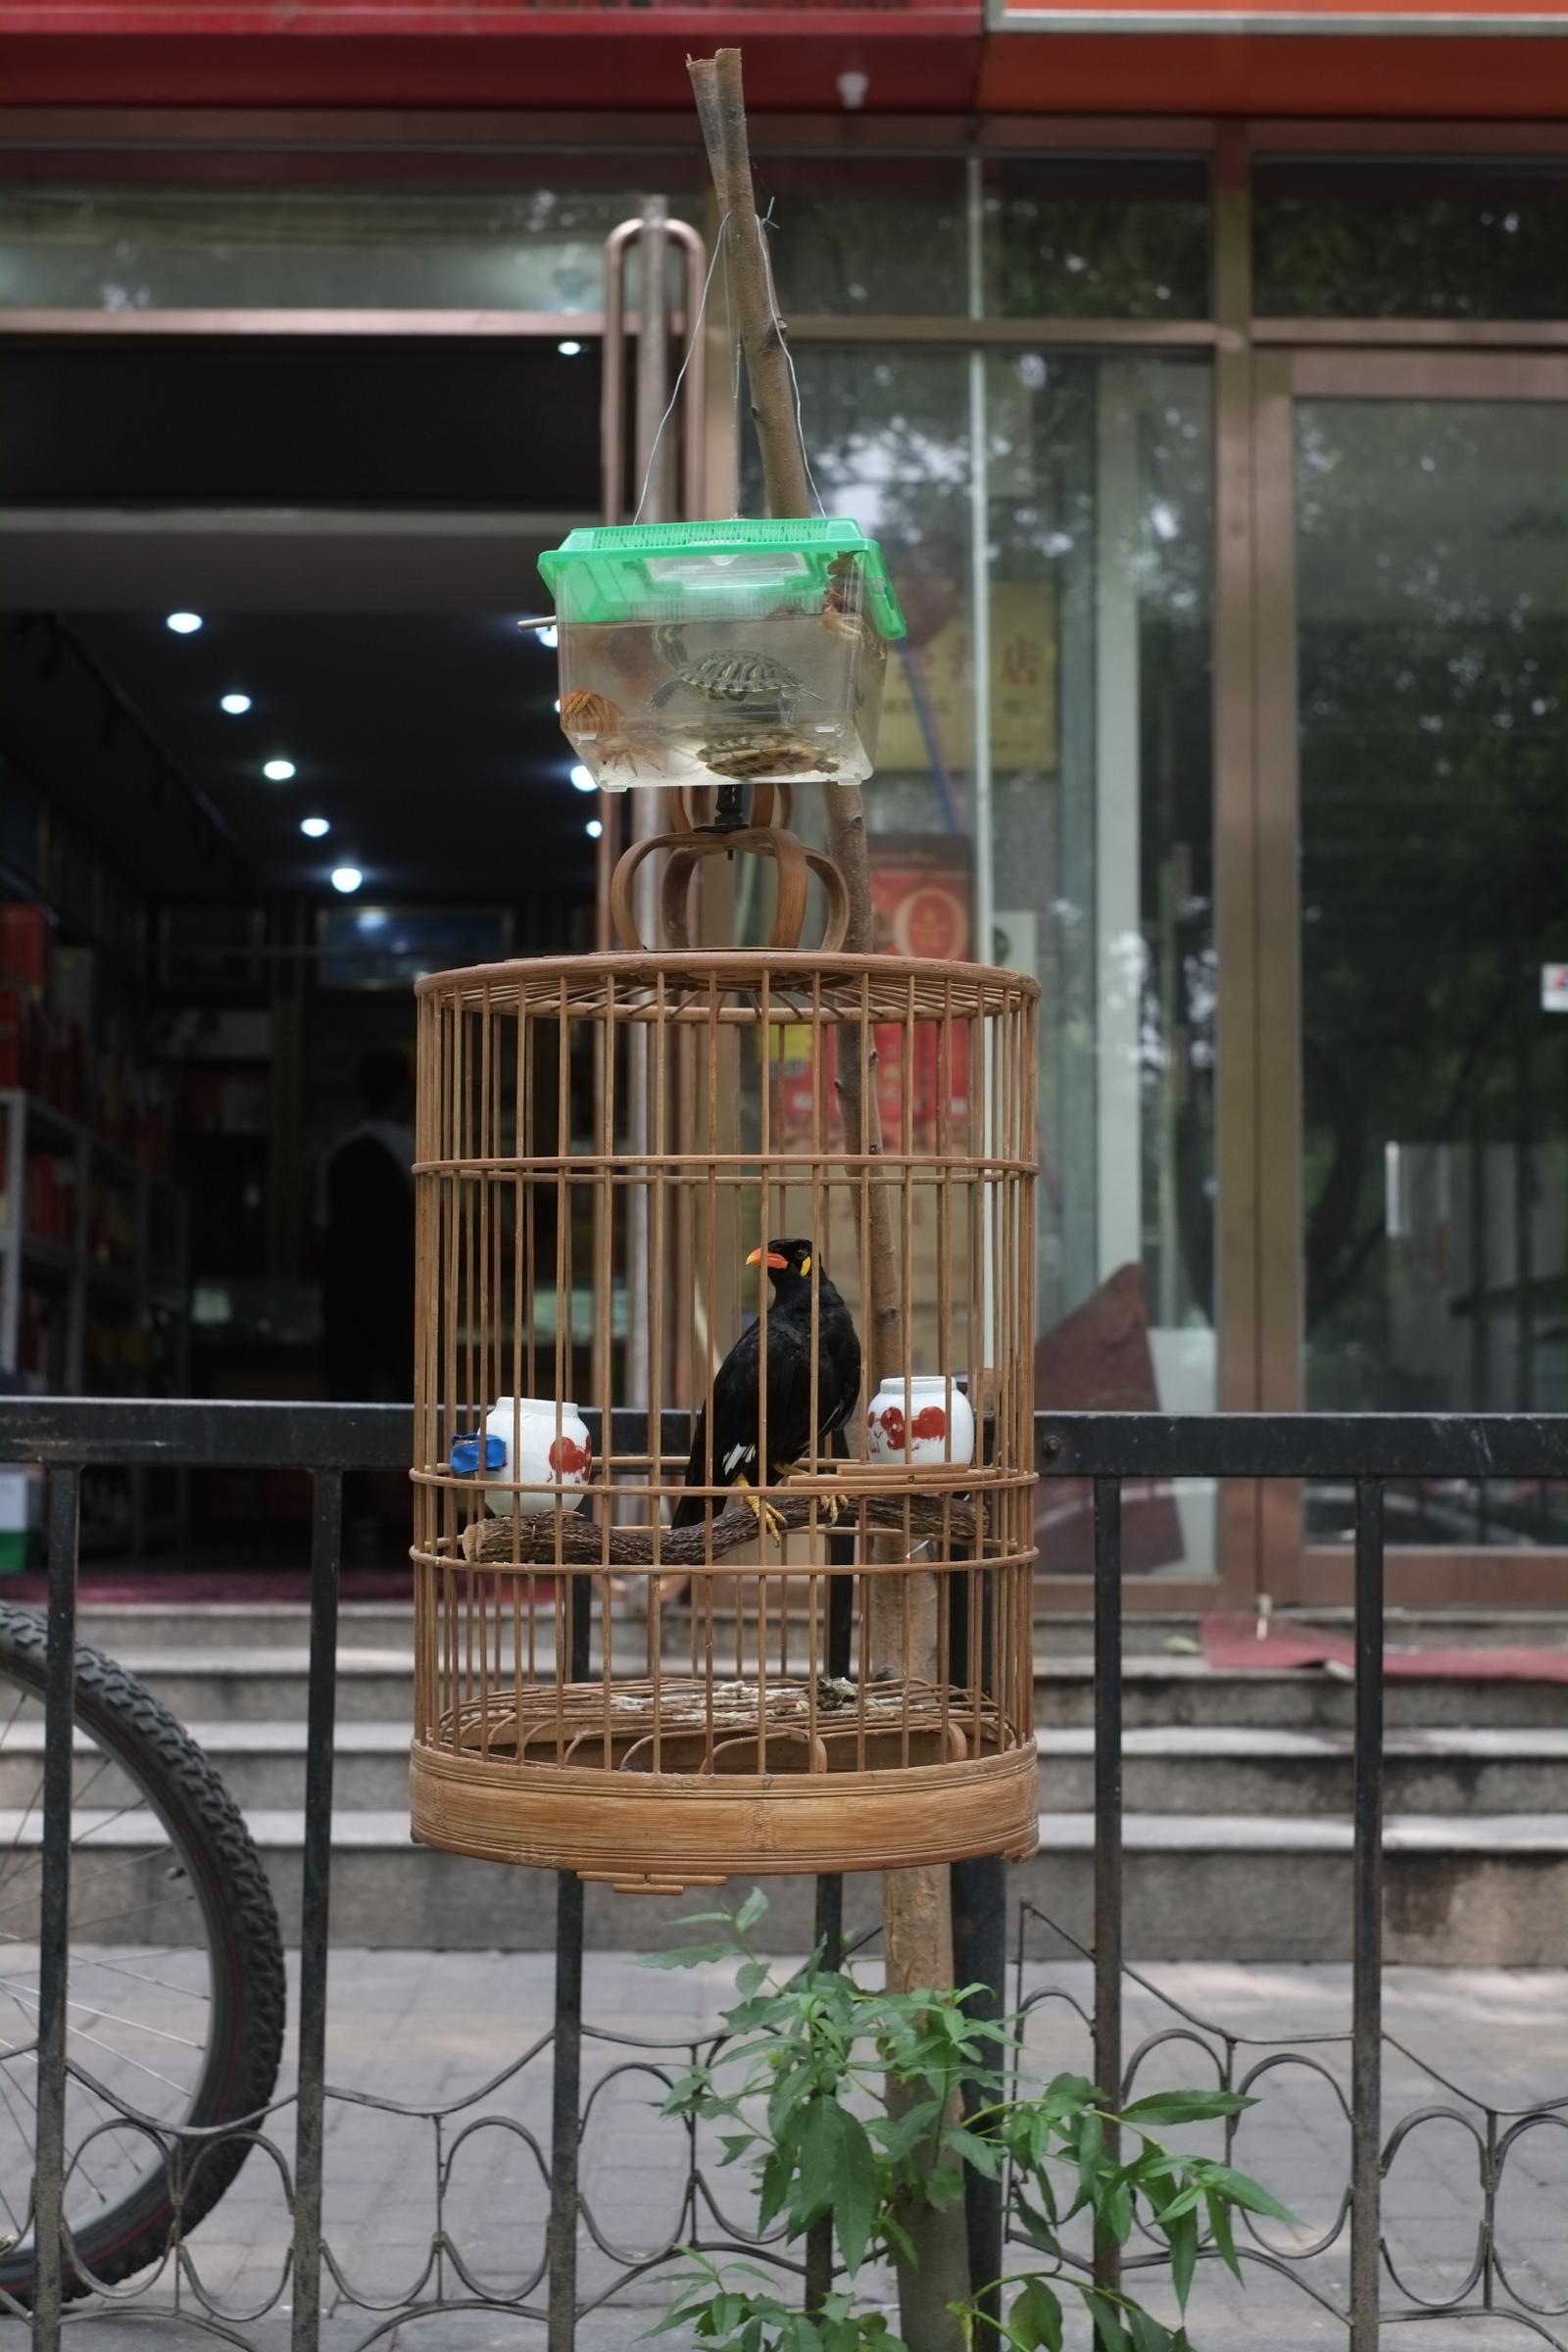 Aqaurium über Vogelkäfig